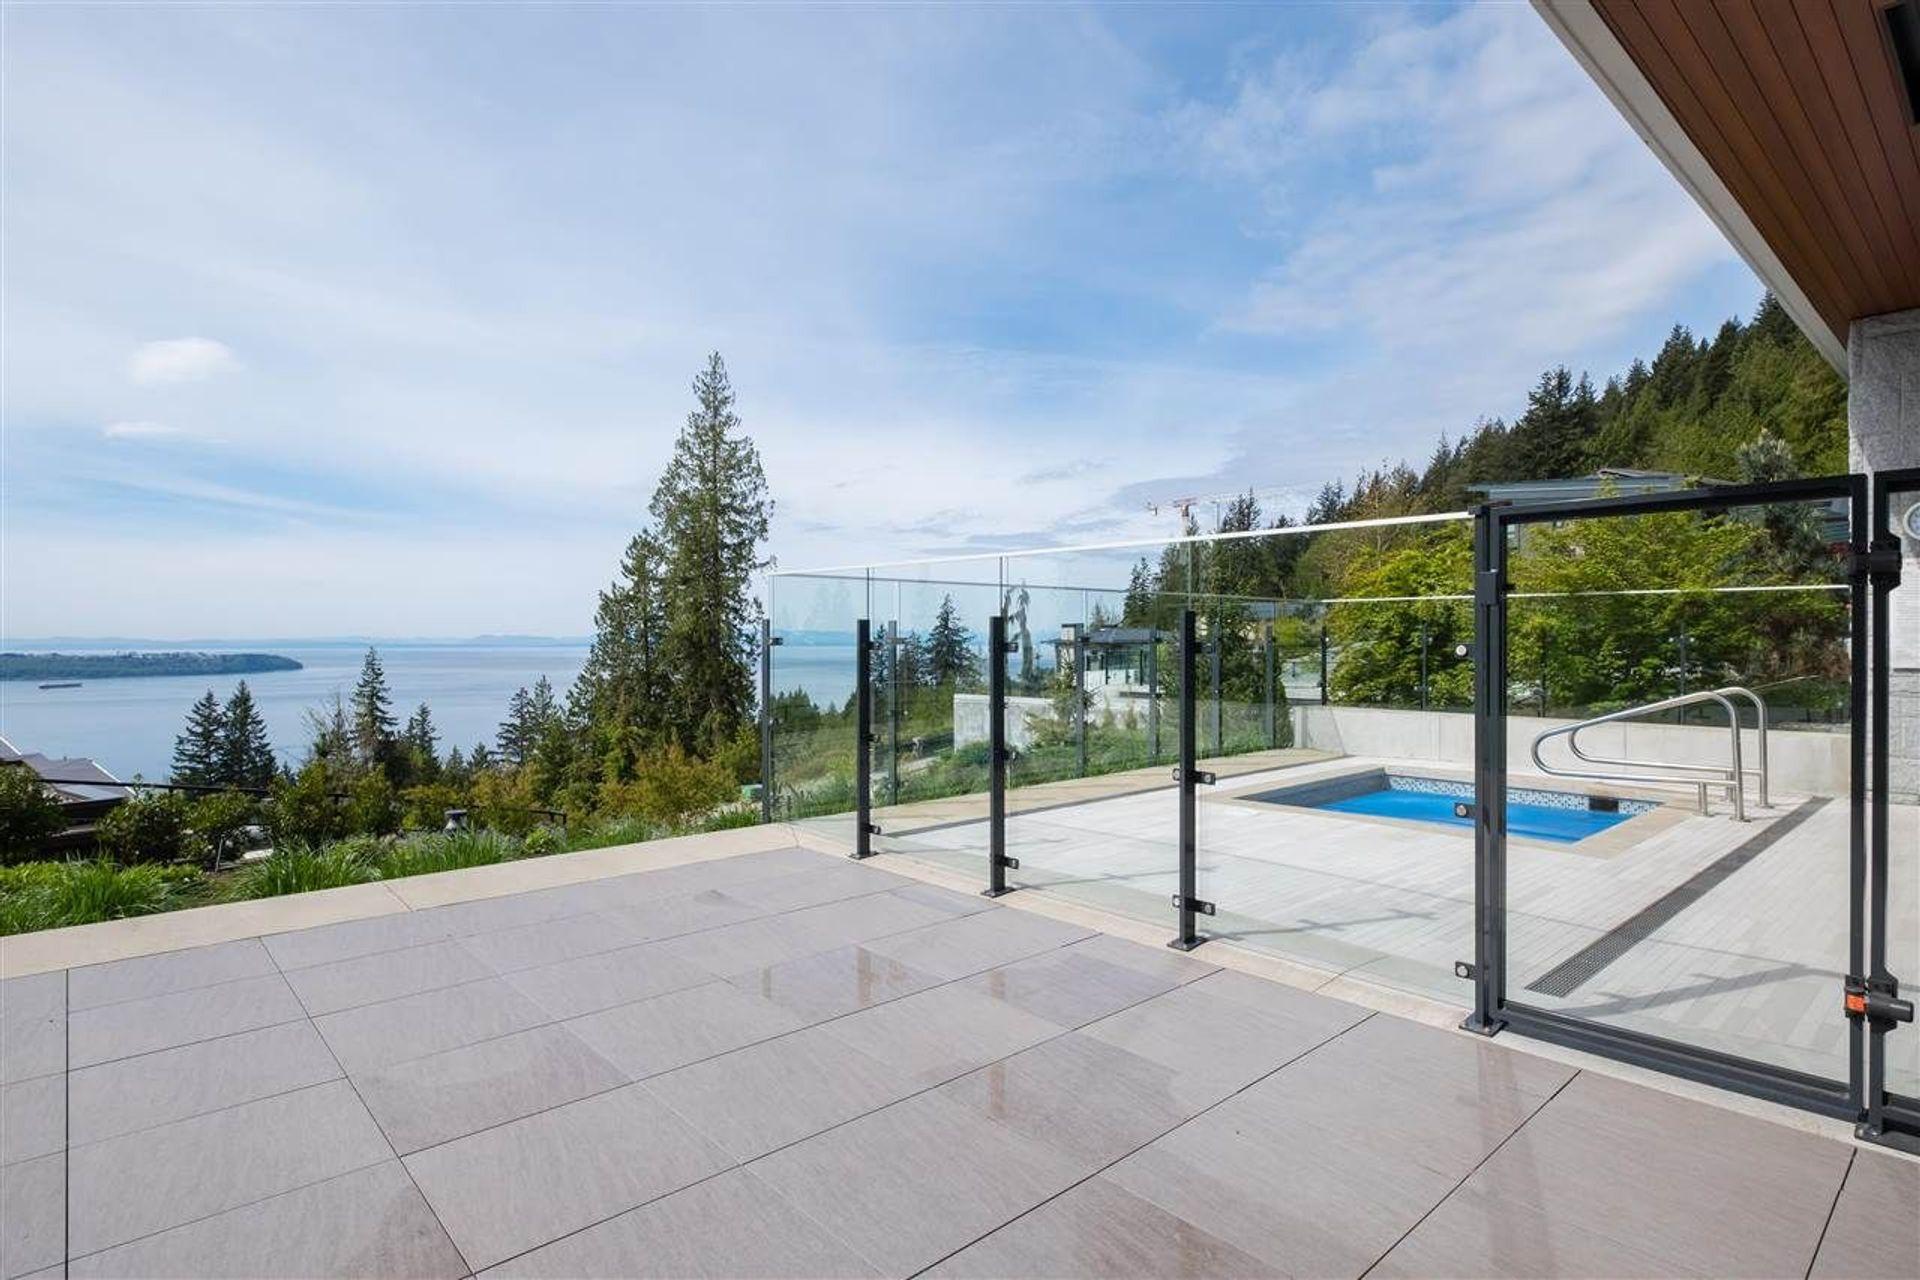 2958-burfield-place-cypress-park-estates-west-vancouver-03 at 302 - 2958 Burfield Place, Cypress Park Estates, West Vancouver